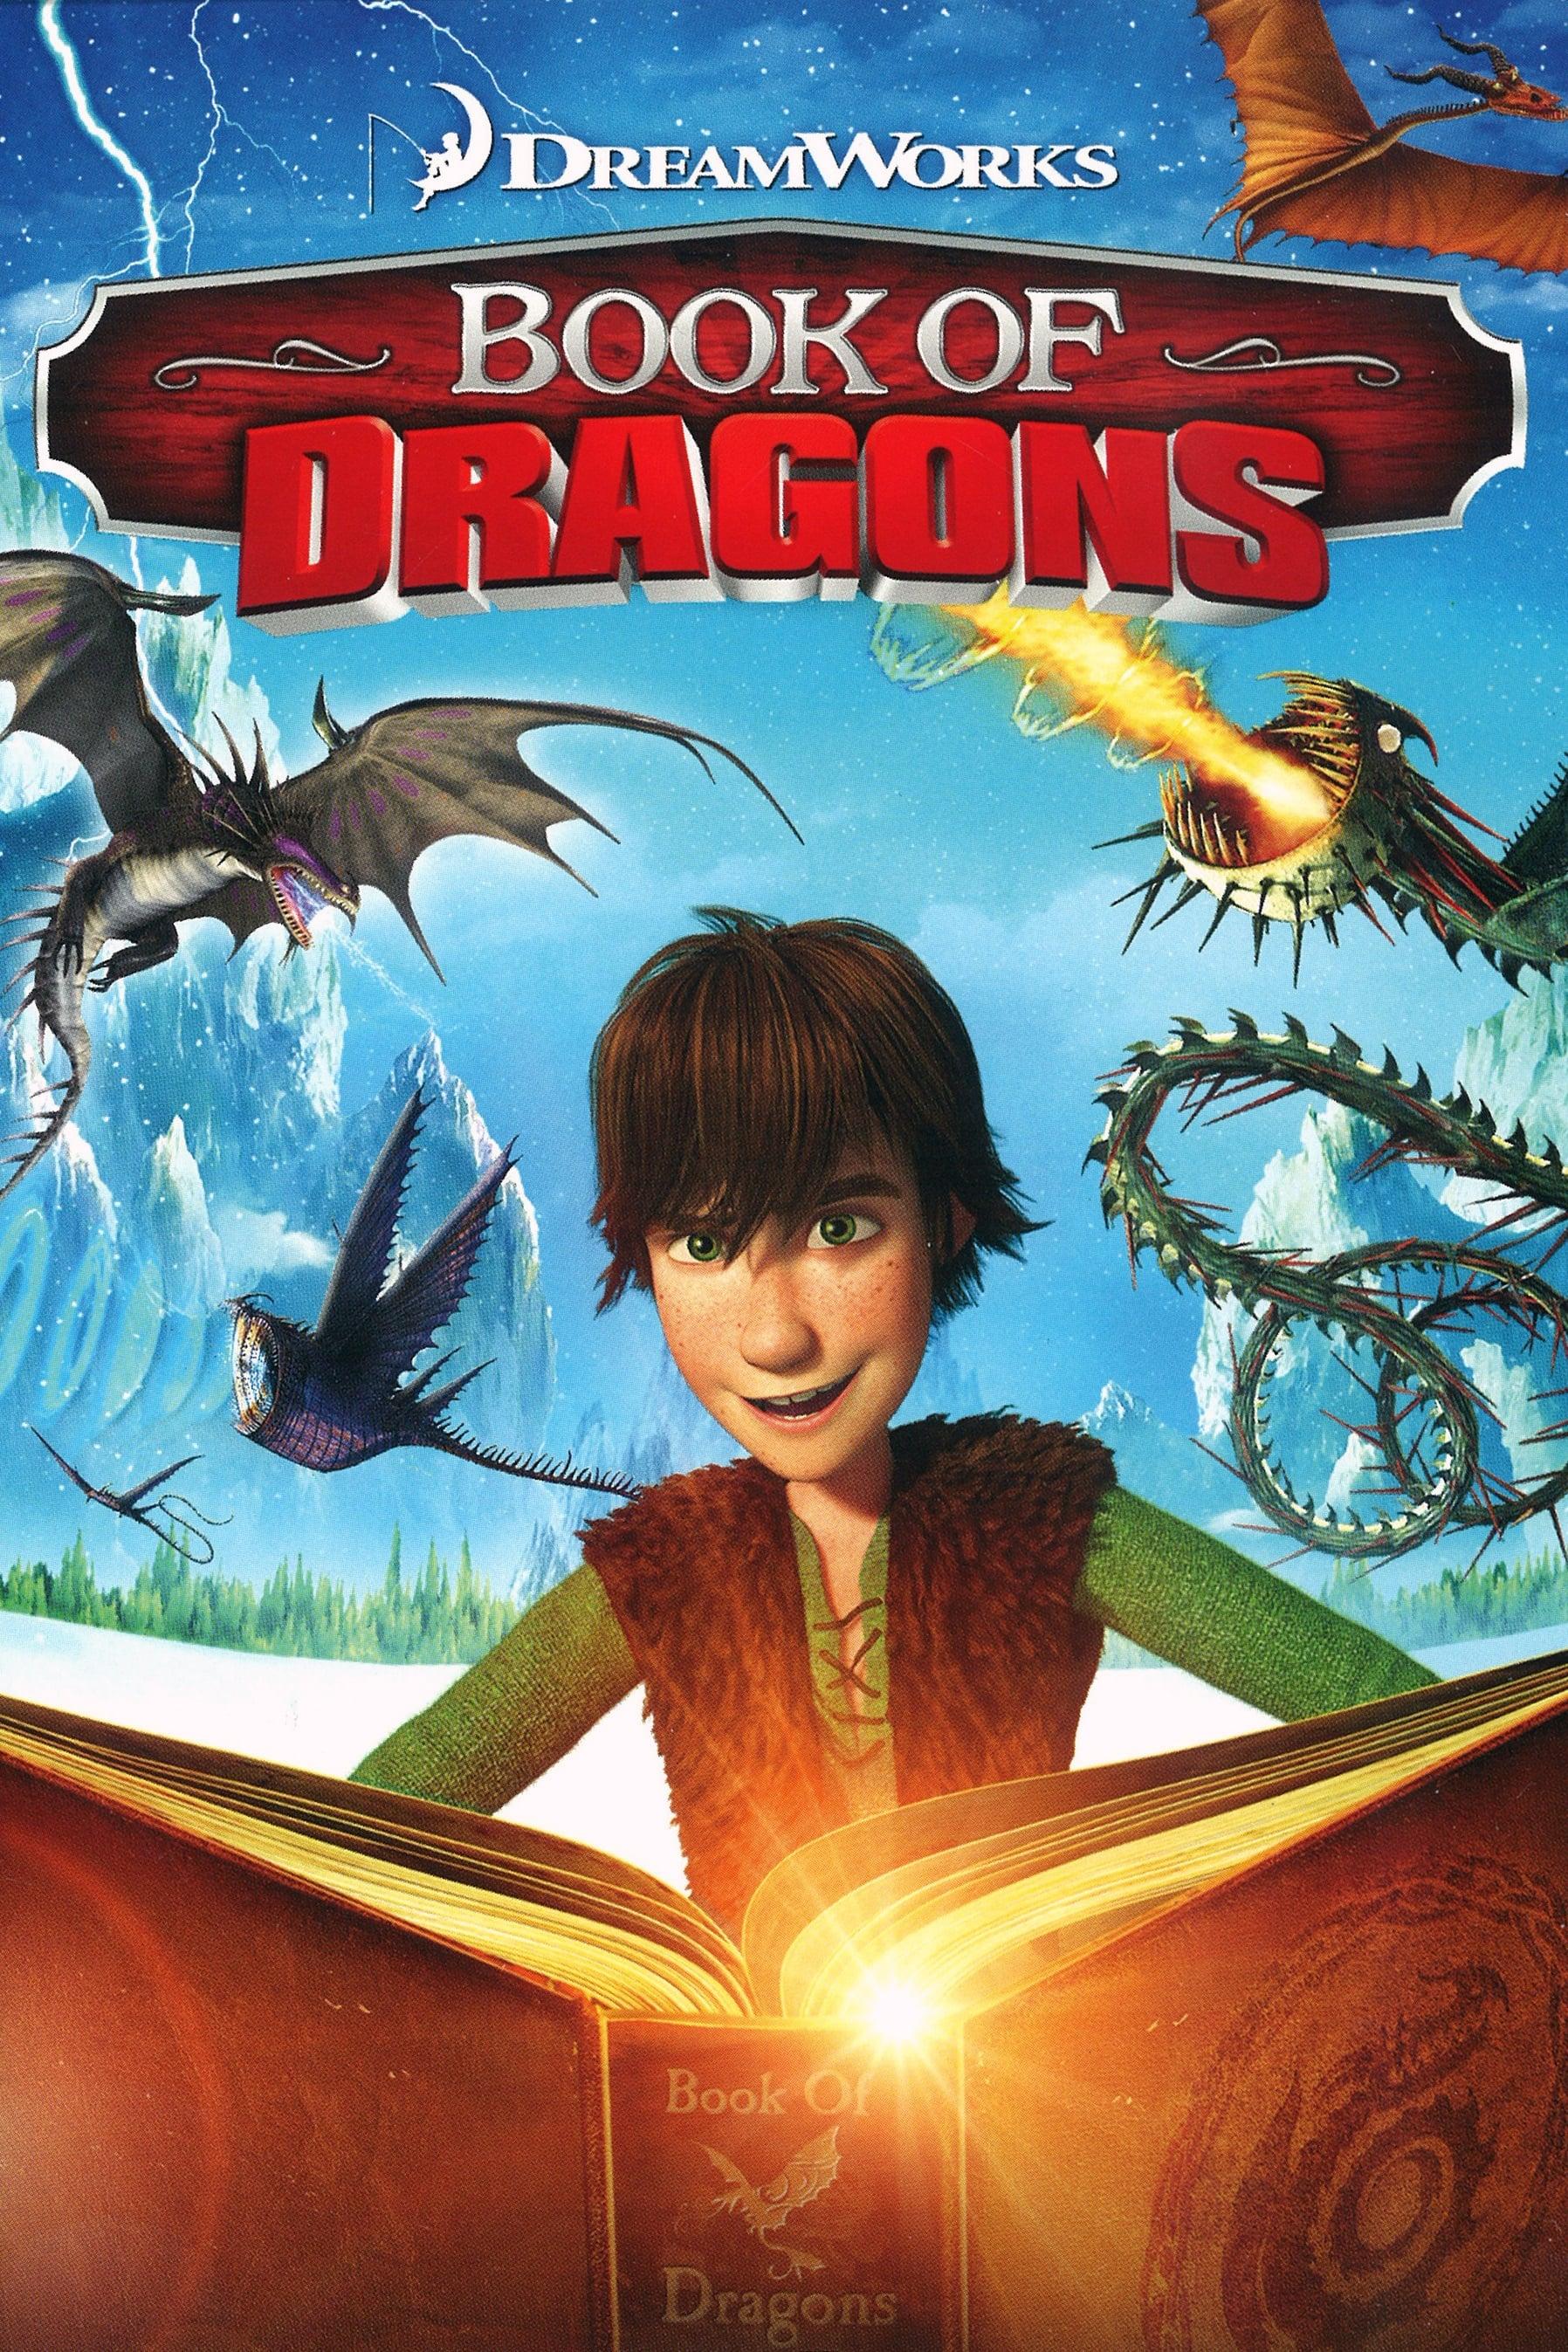 Drachenzähmen leicht gemacht - Buch der Drachen